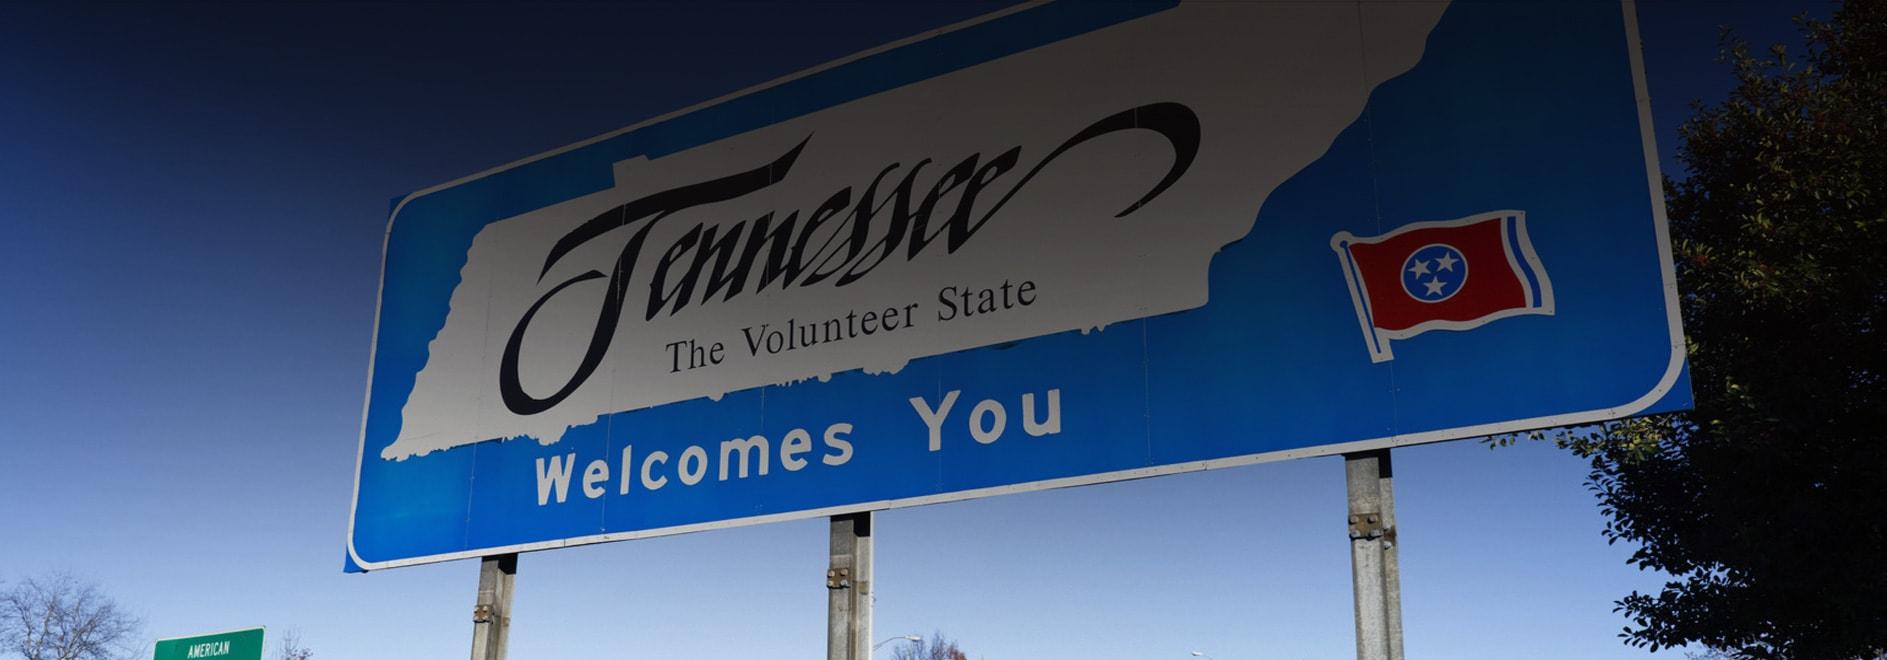 Web Design Murfreesboro Tennessee